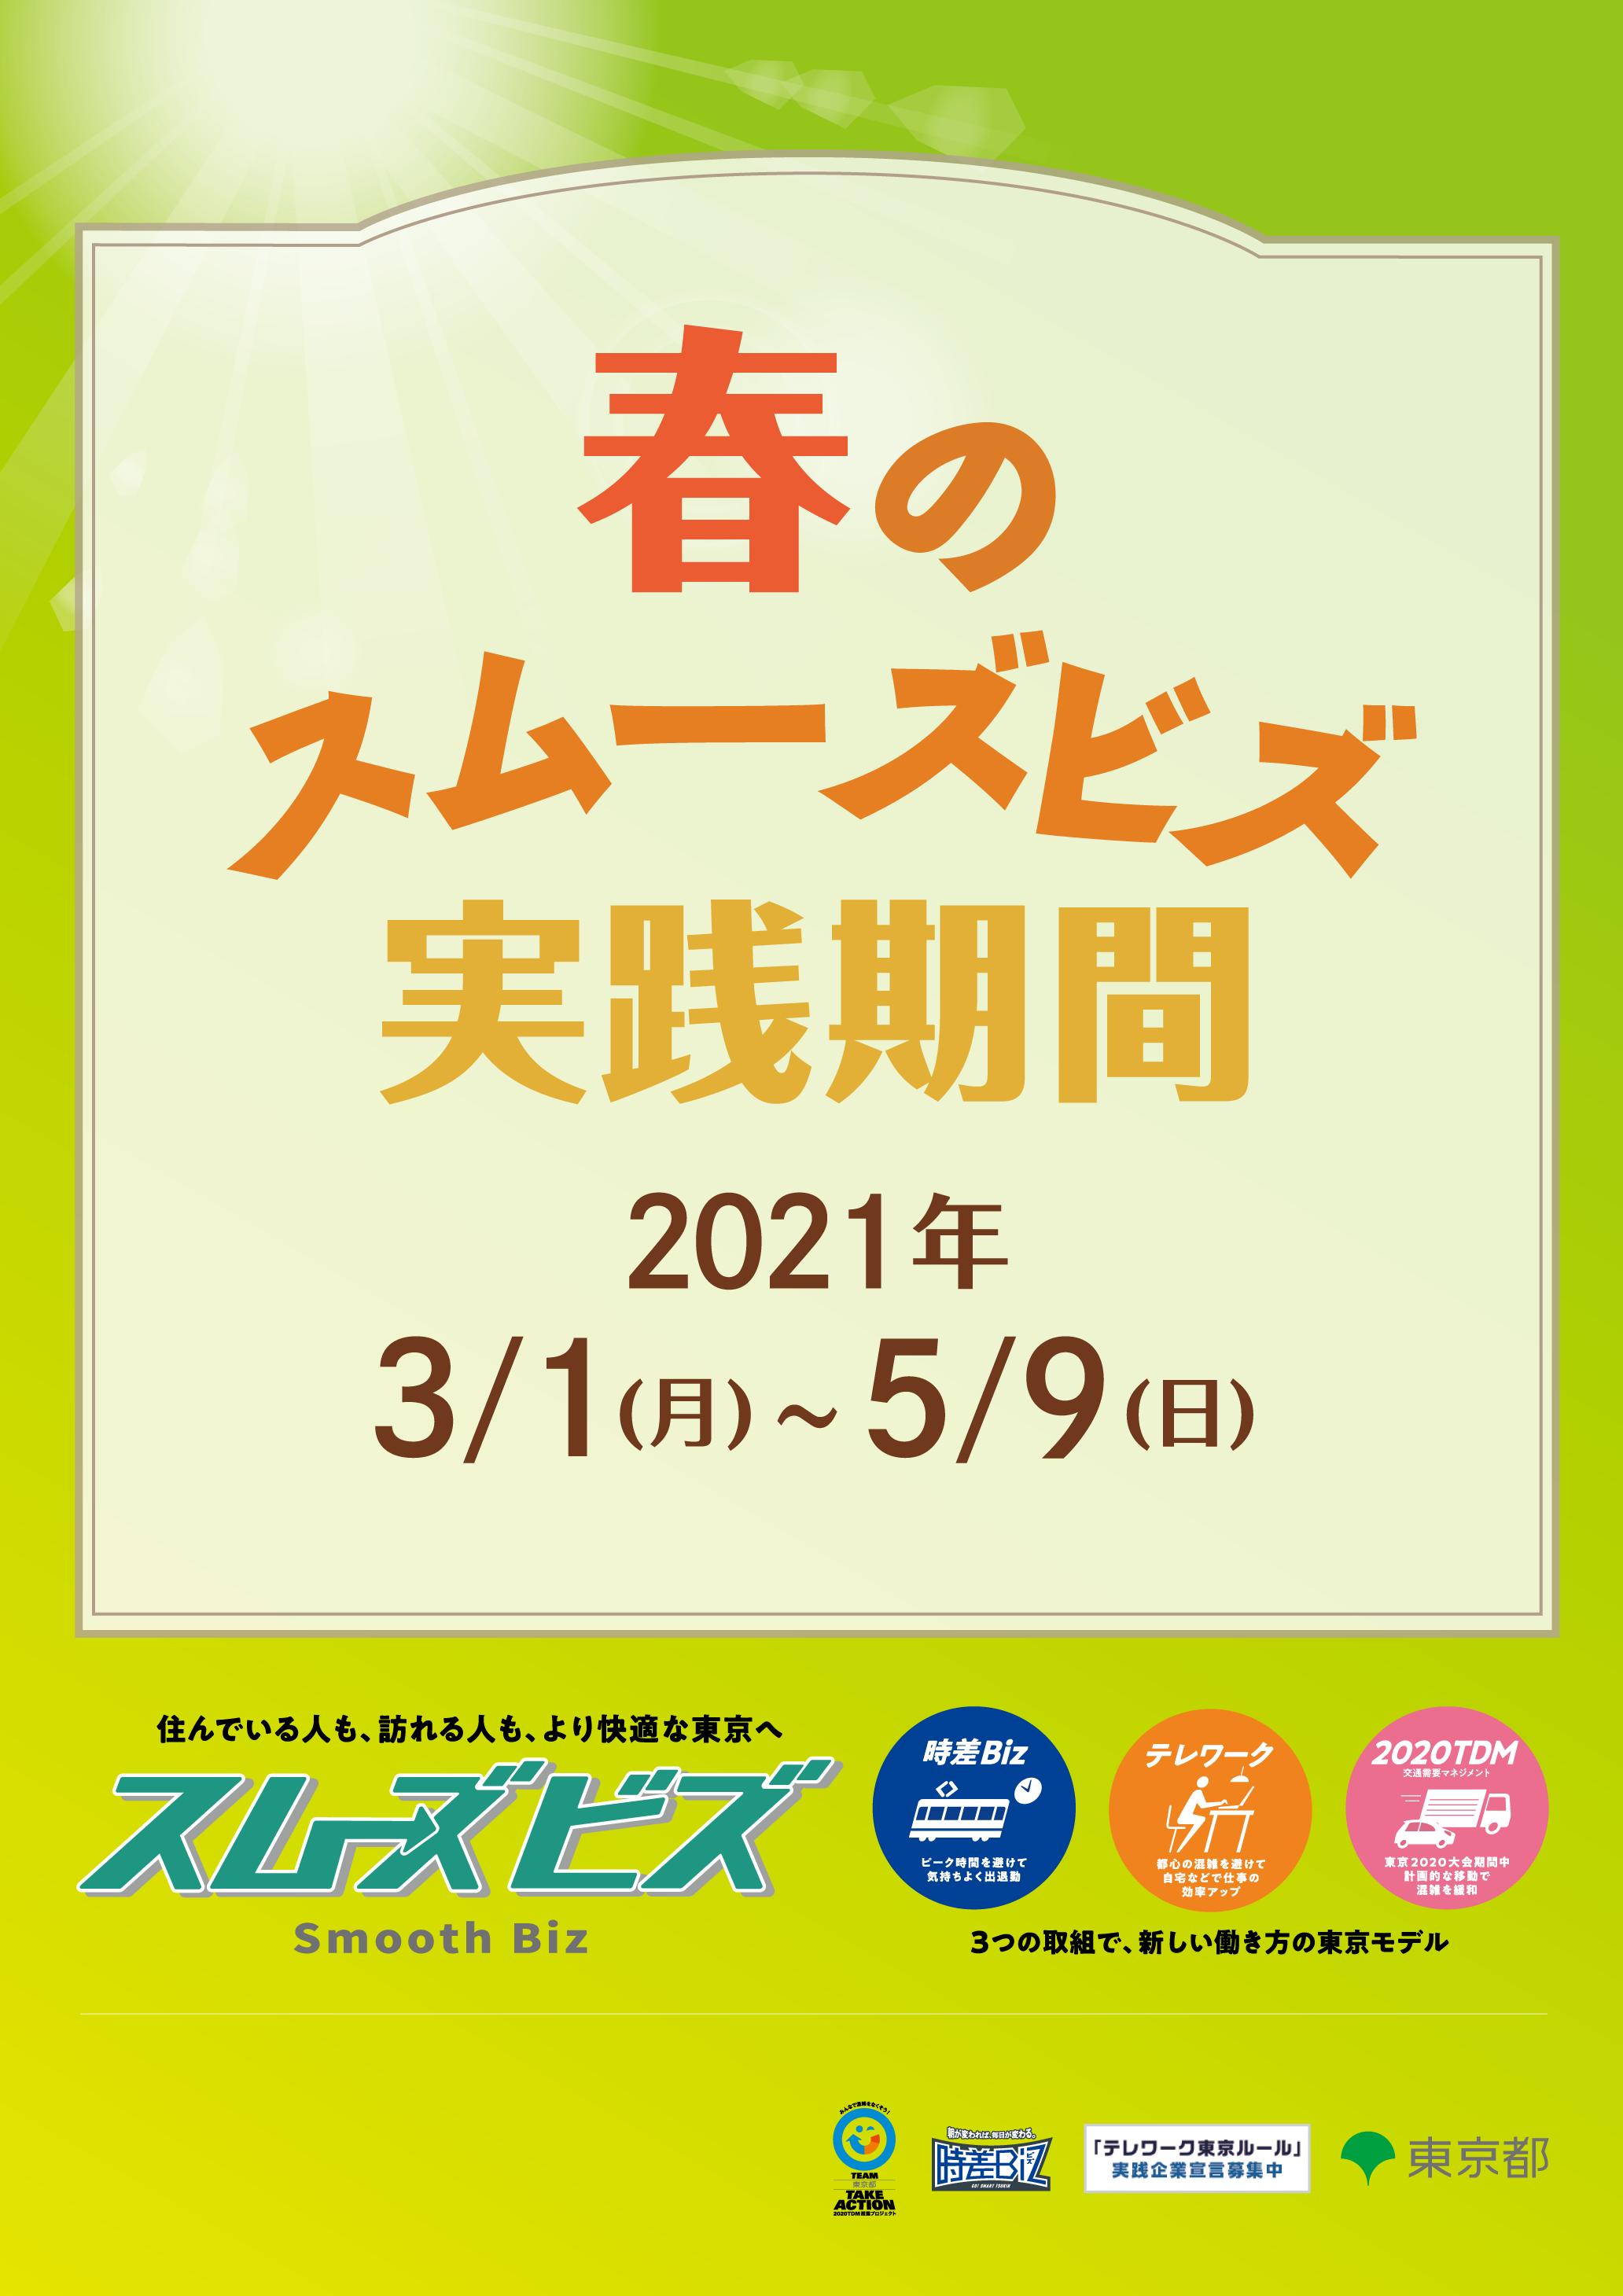 春のスムーズビズ実践期間PRポスター(縦版)